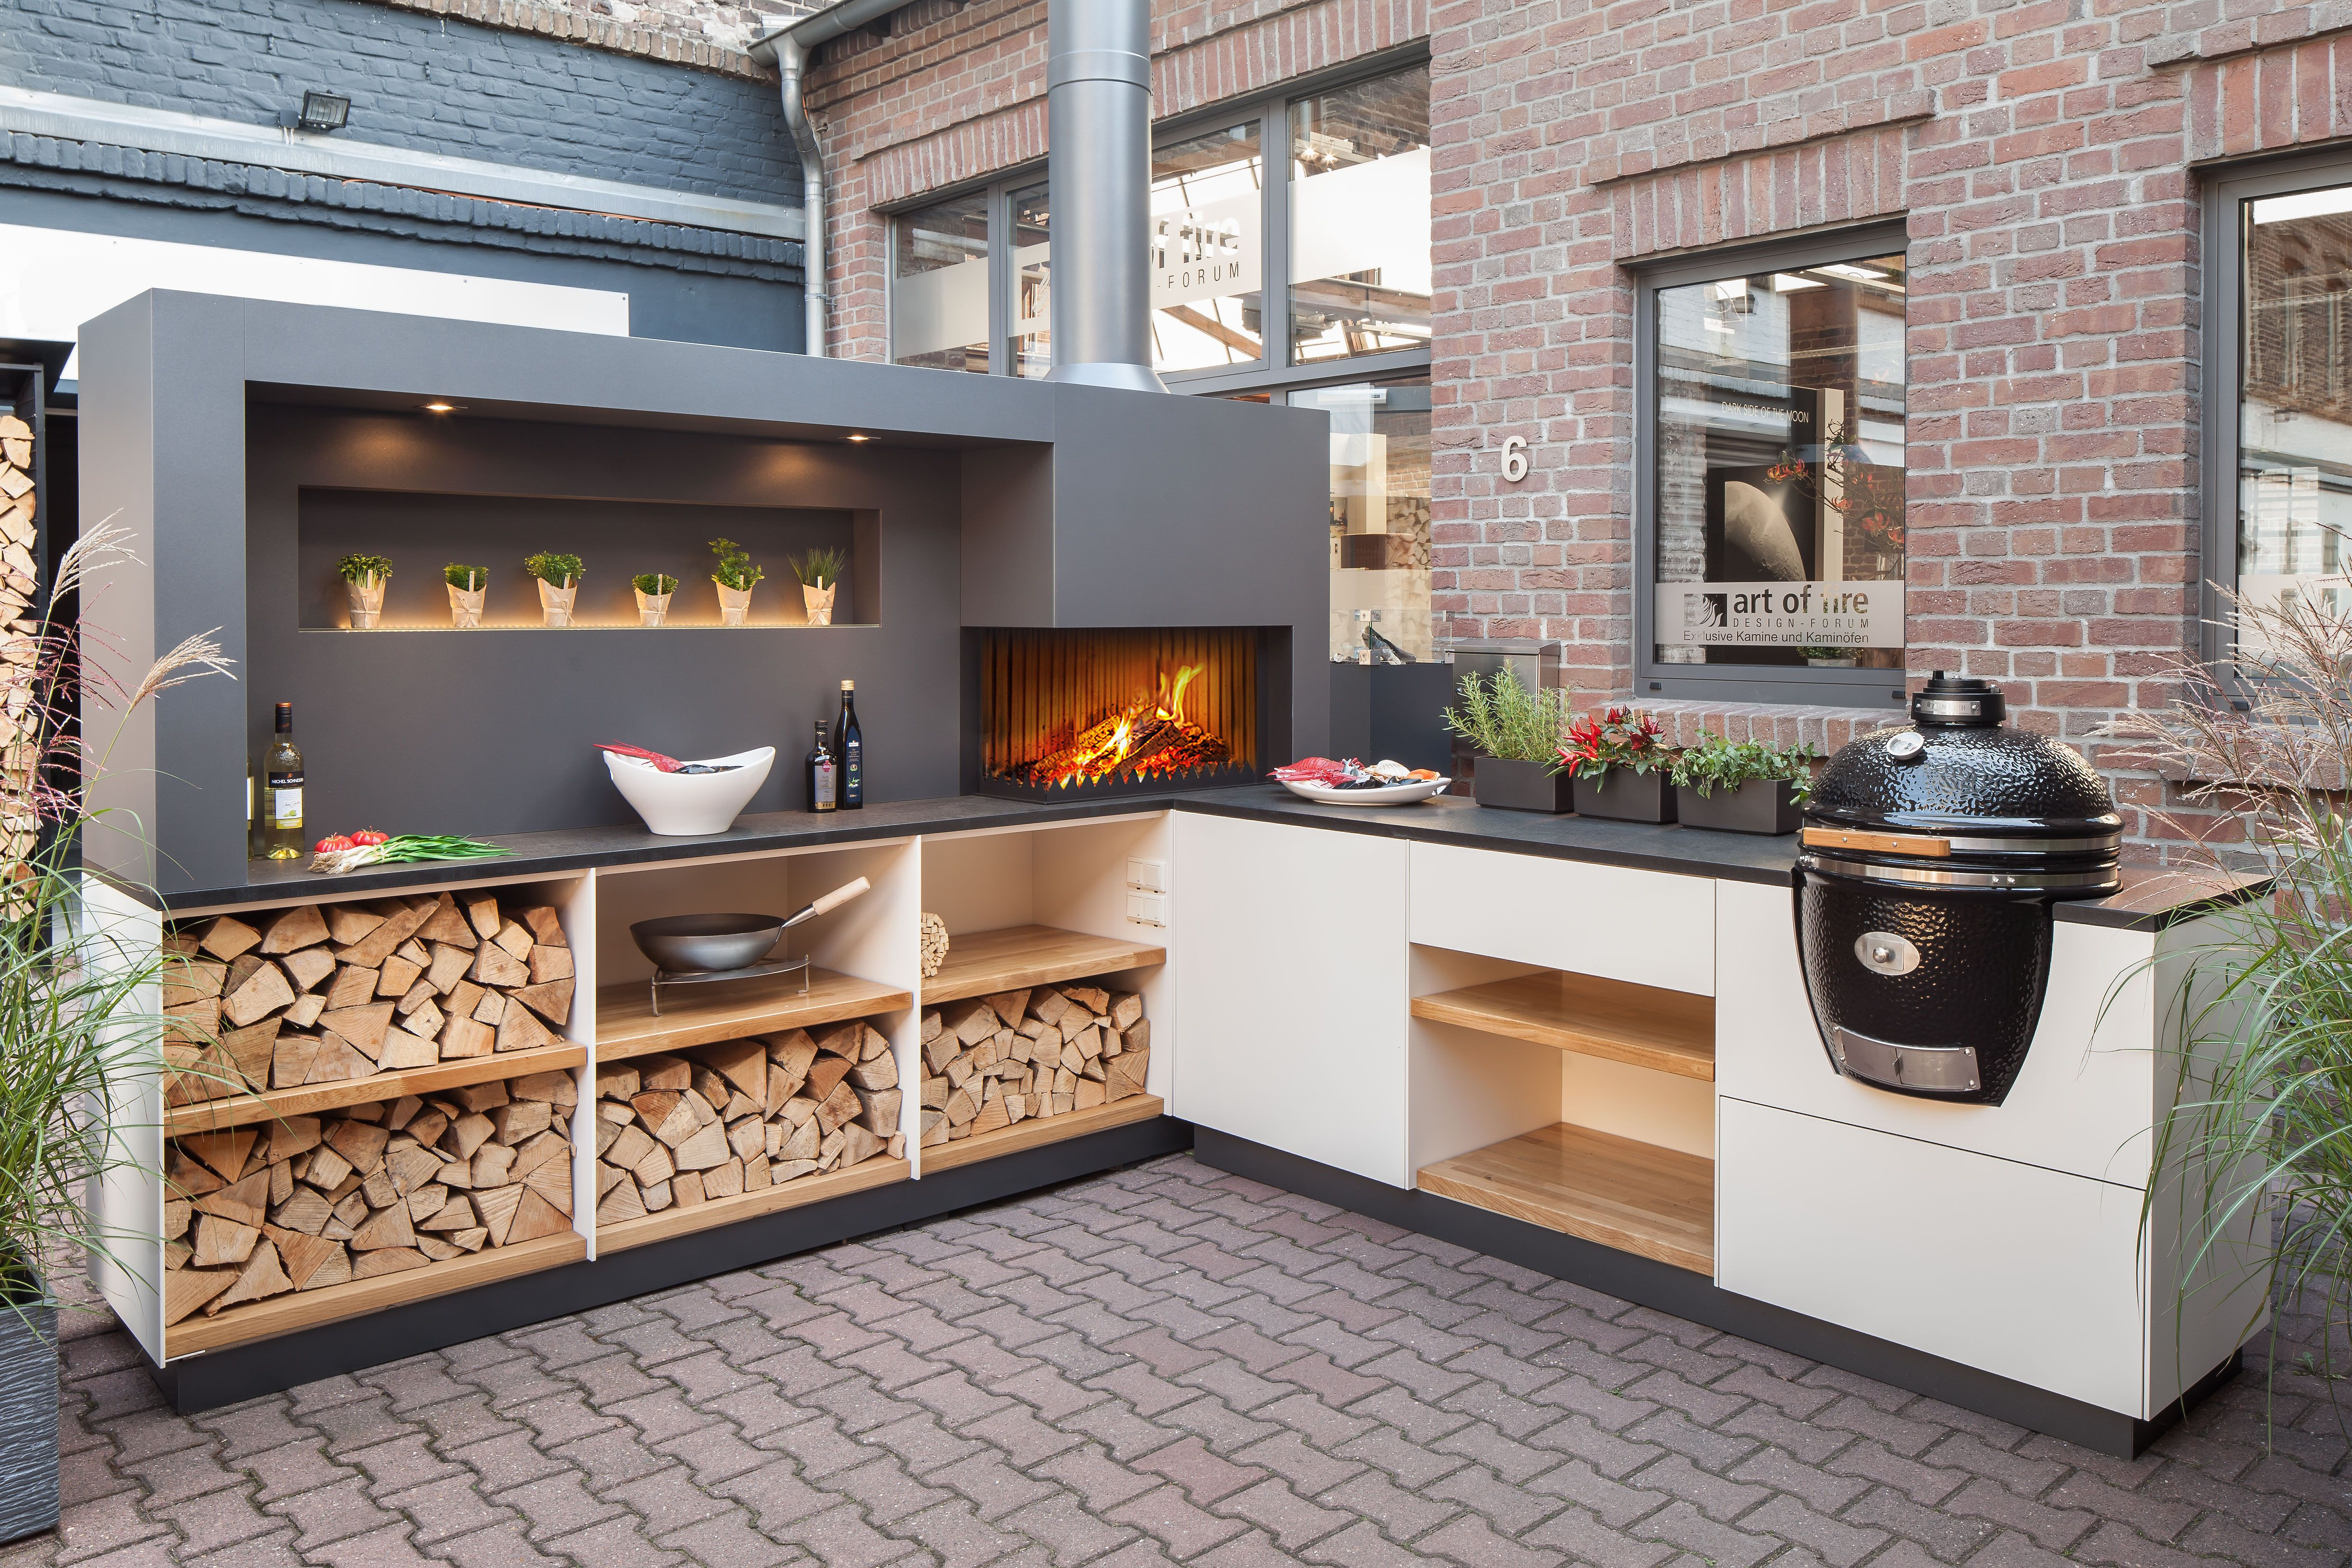 Outdoor Küche Planen : Outdoor küche planen selbstgebaute außenküche mit napoleon